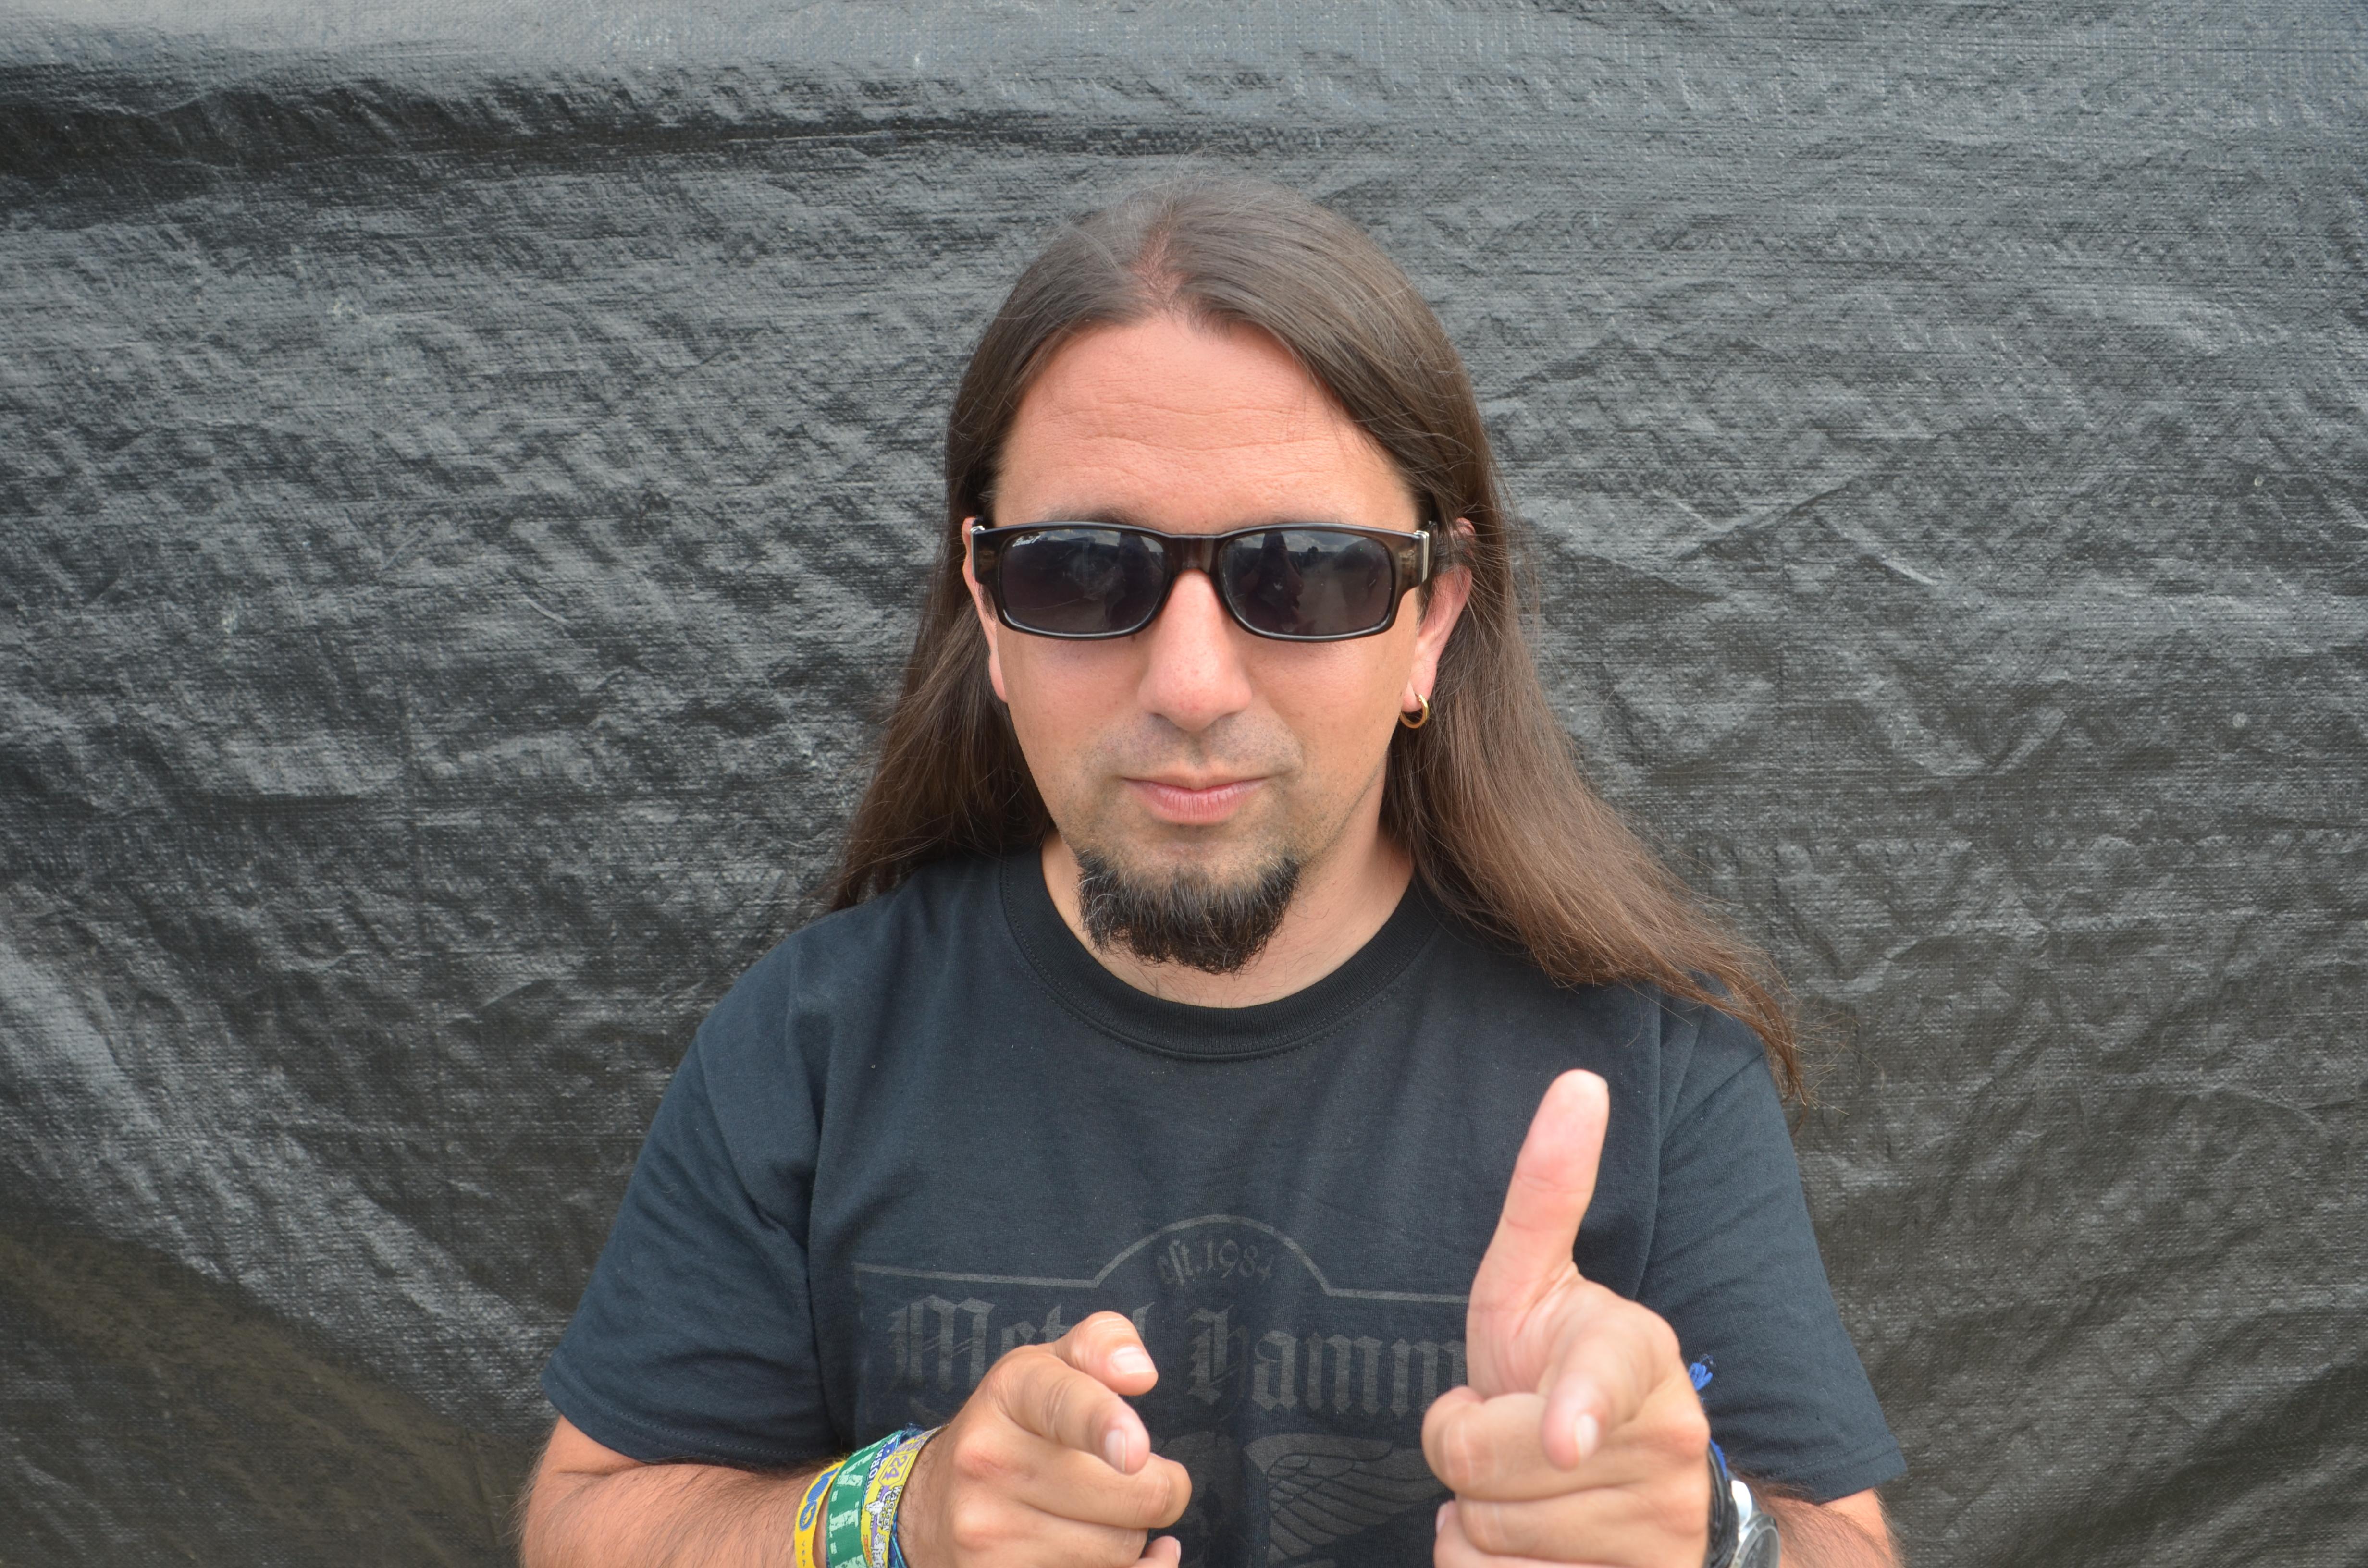 Manuel Liebler